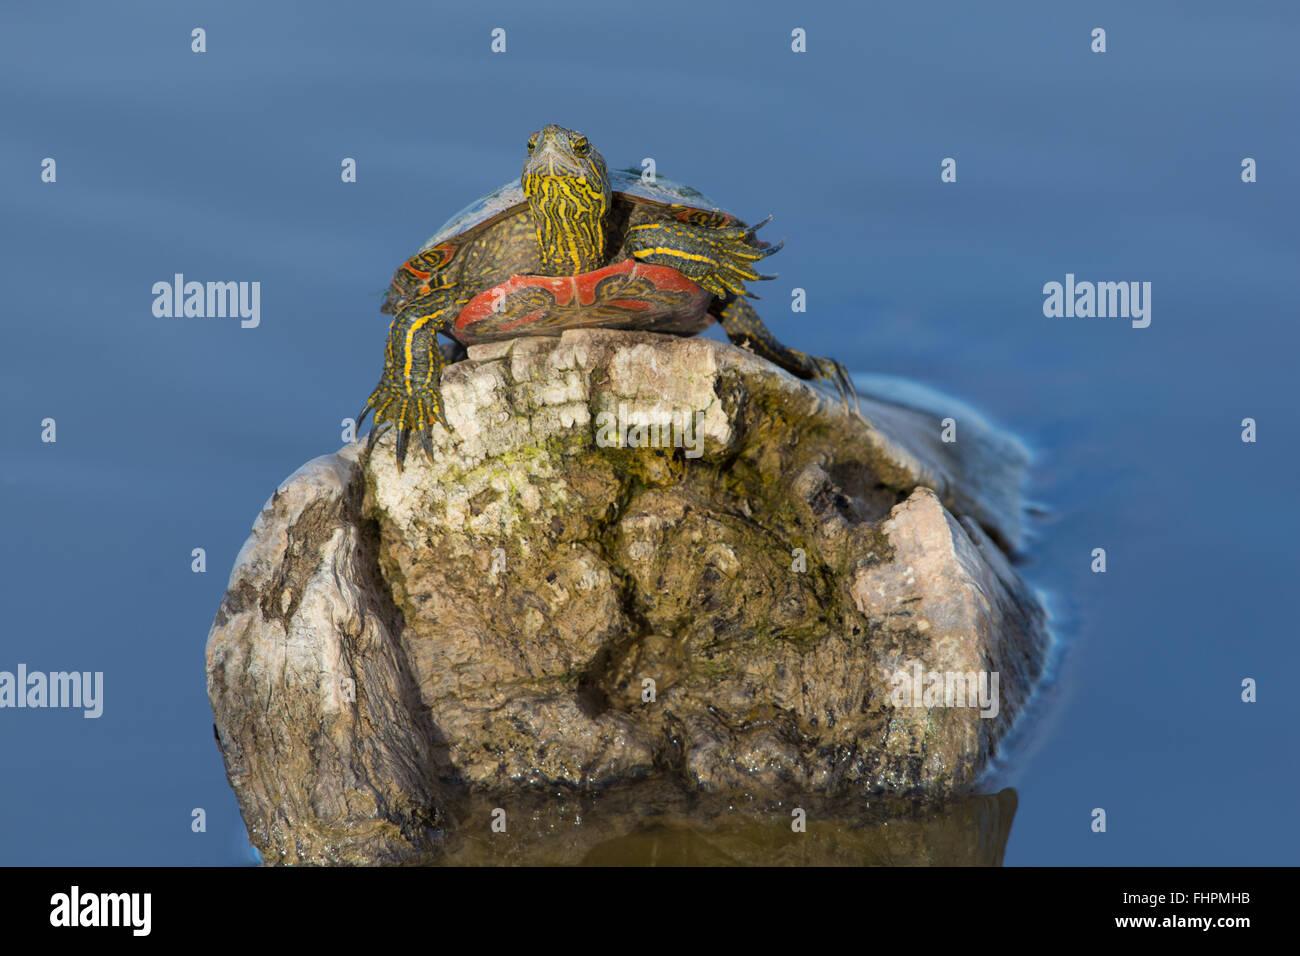 Western dipinto di tartaruga, (Chrysemys picta belli), Bosque del Apache National Wildlife Refuge, nuovo Messico, Immagini Stock